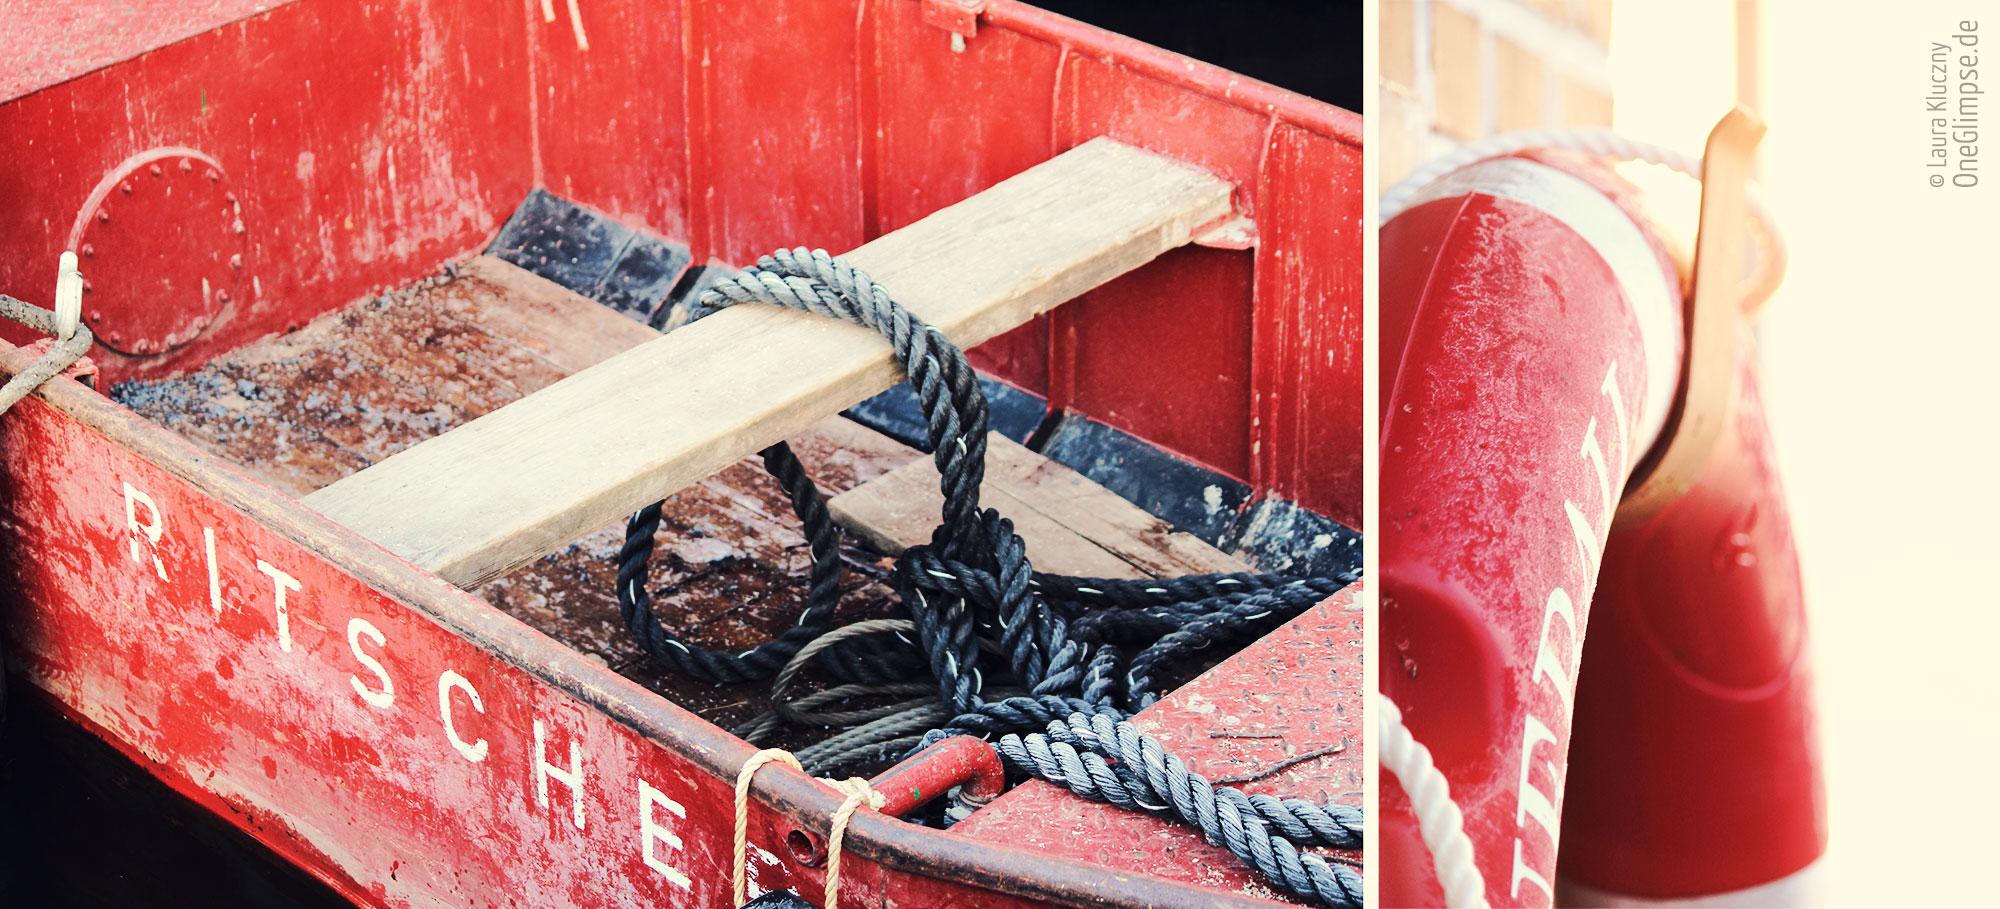 Alster in Hamburg: Schiff und Rettungsring bei Frost